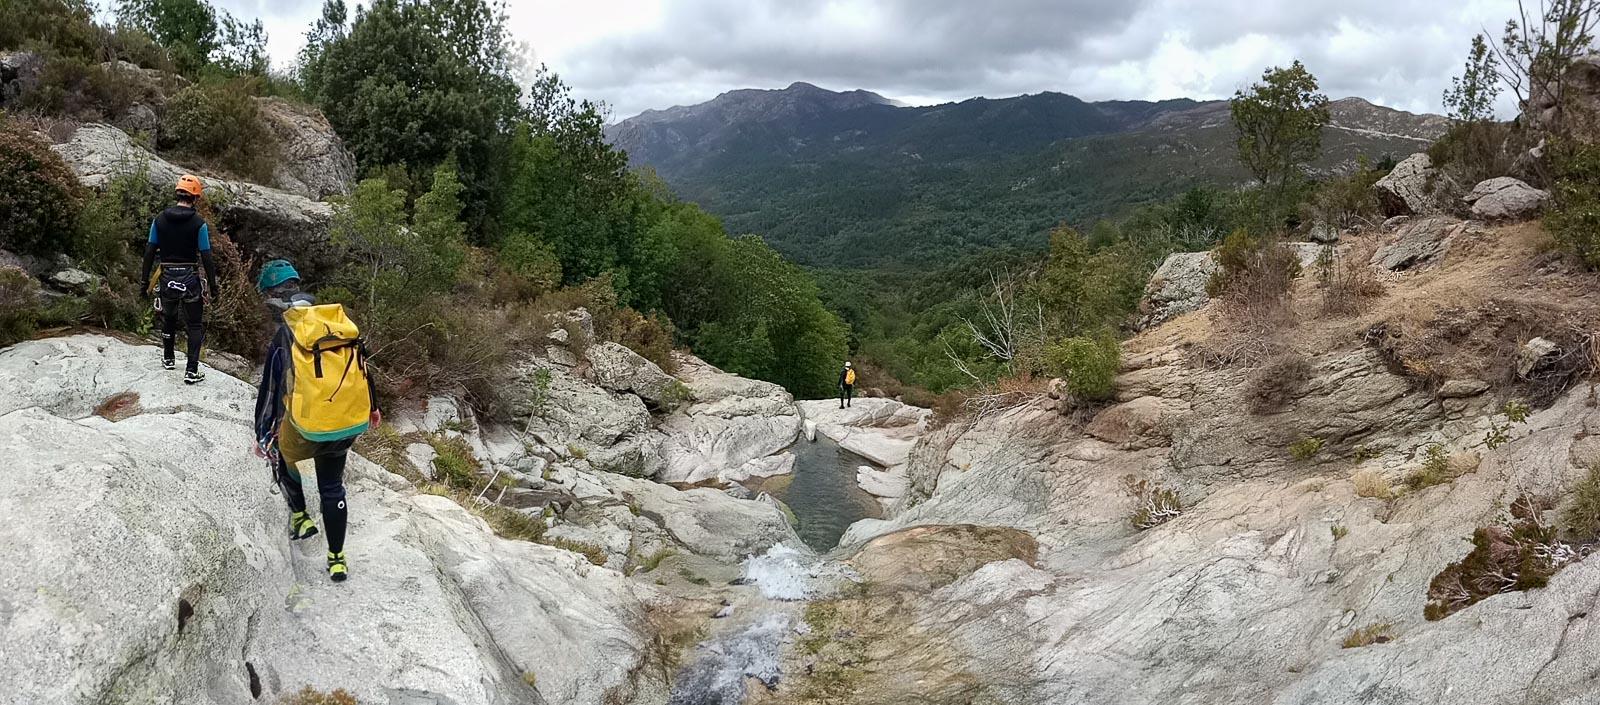 Ruisseau d'Aneddu, Olivese 9